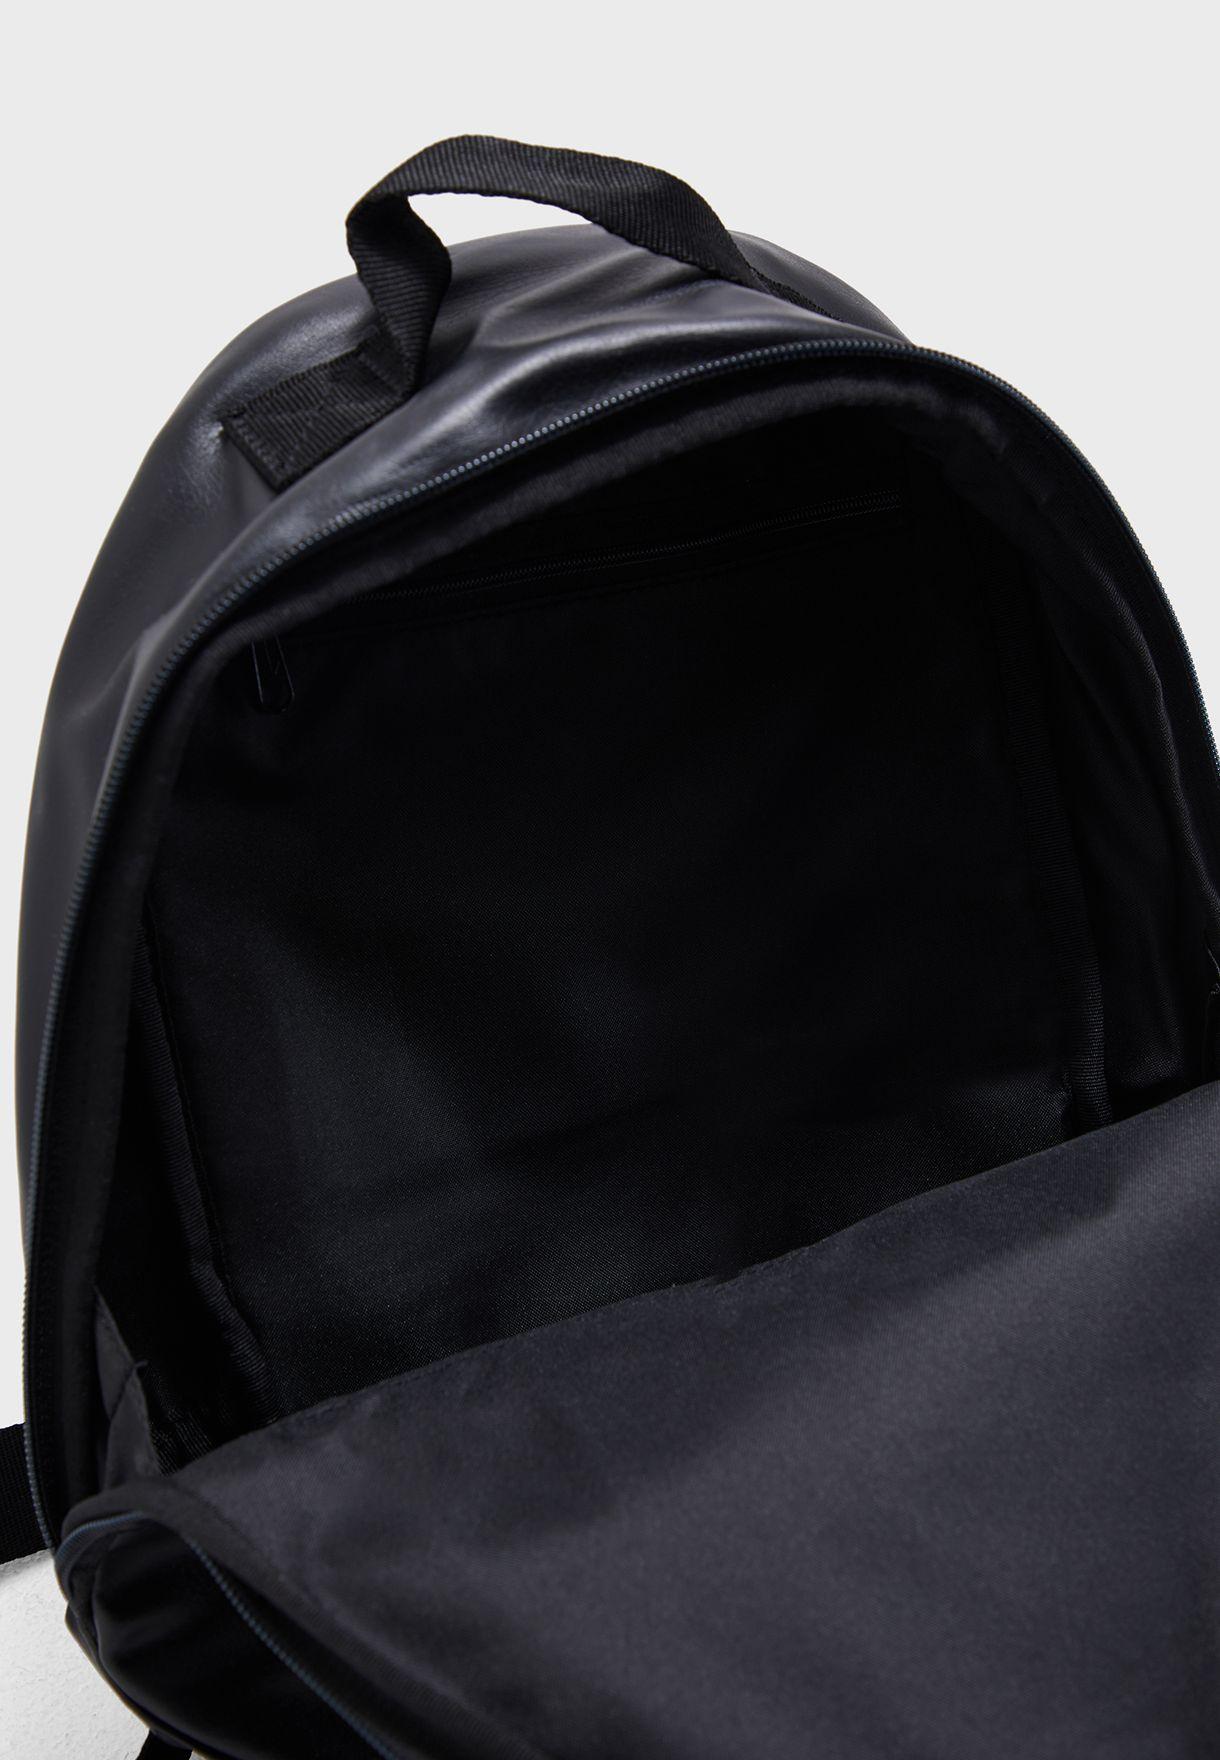 شنطة ظهر مزينة بطبعة شعار الماركة